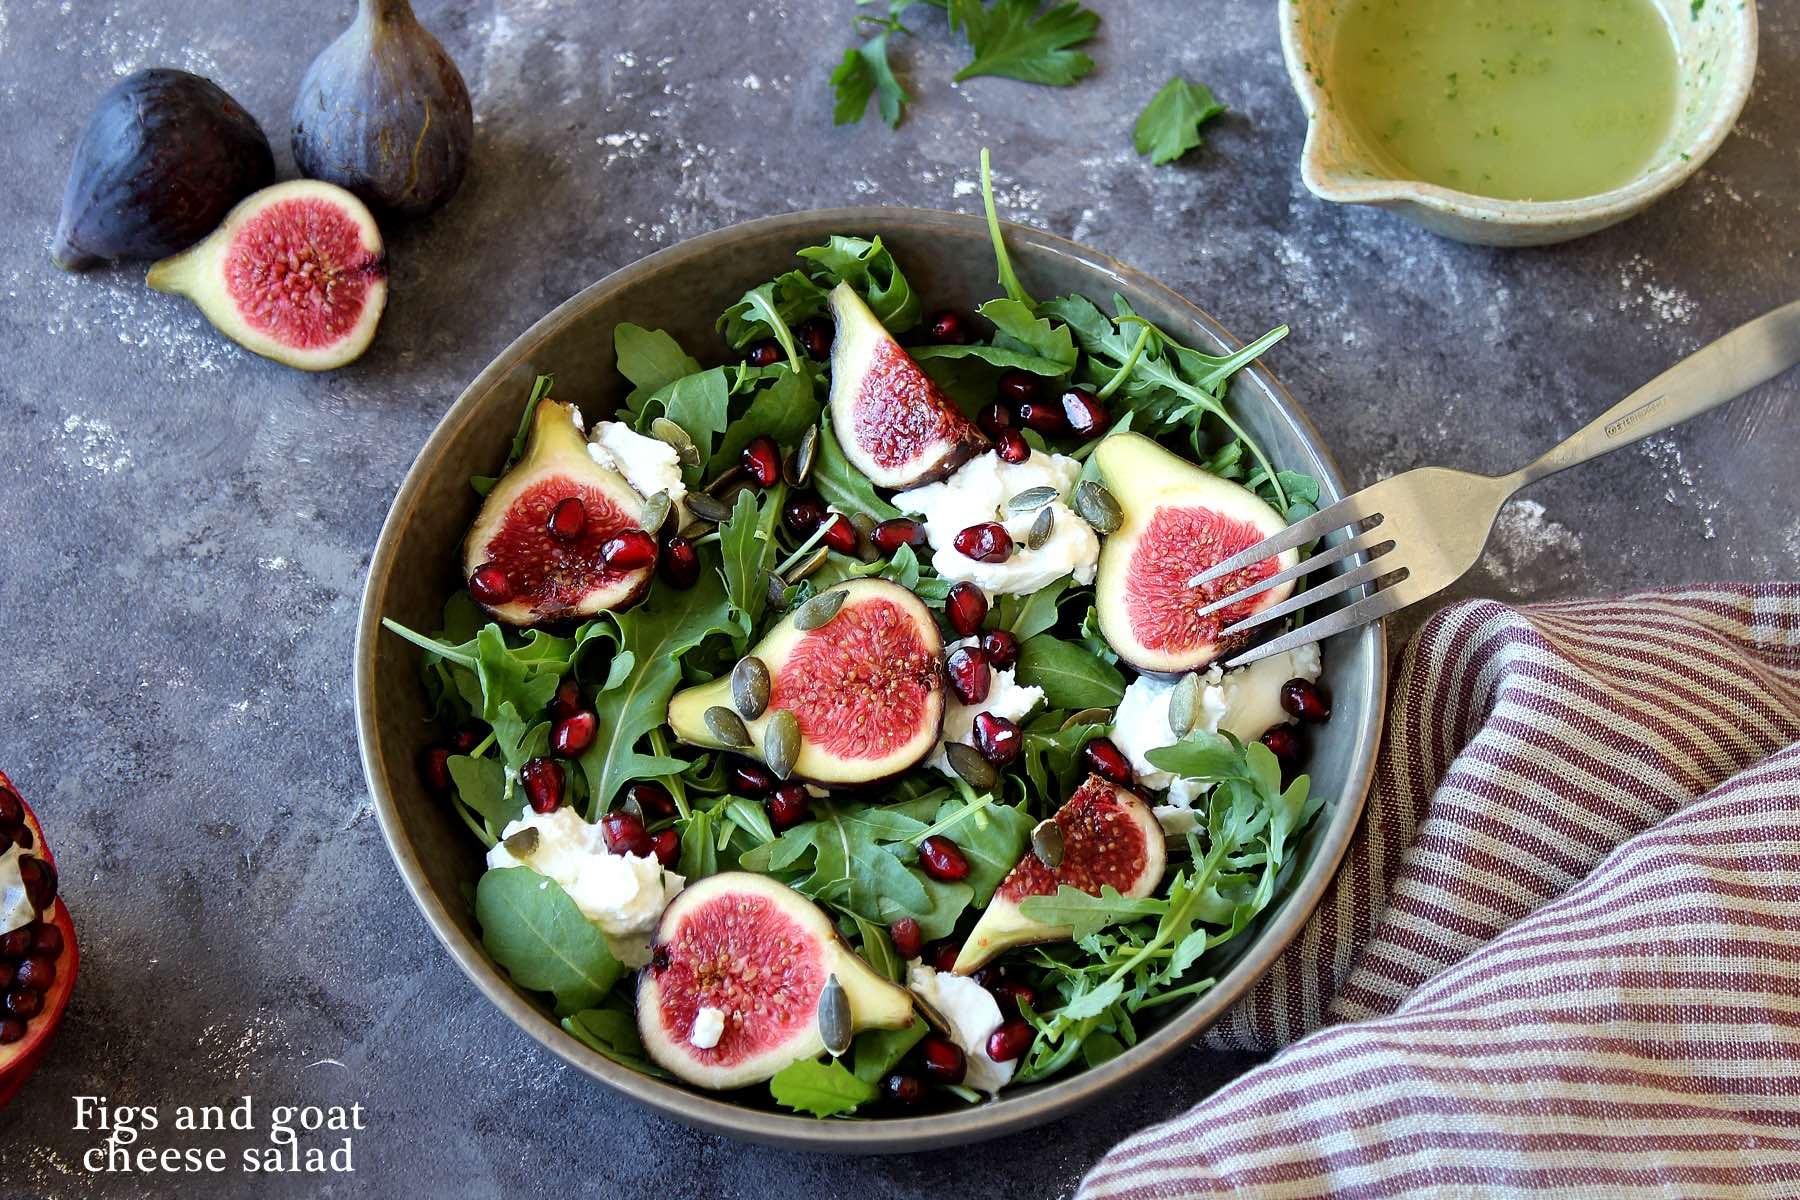 Salade de figue au fromage de chèvre